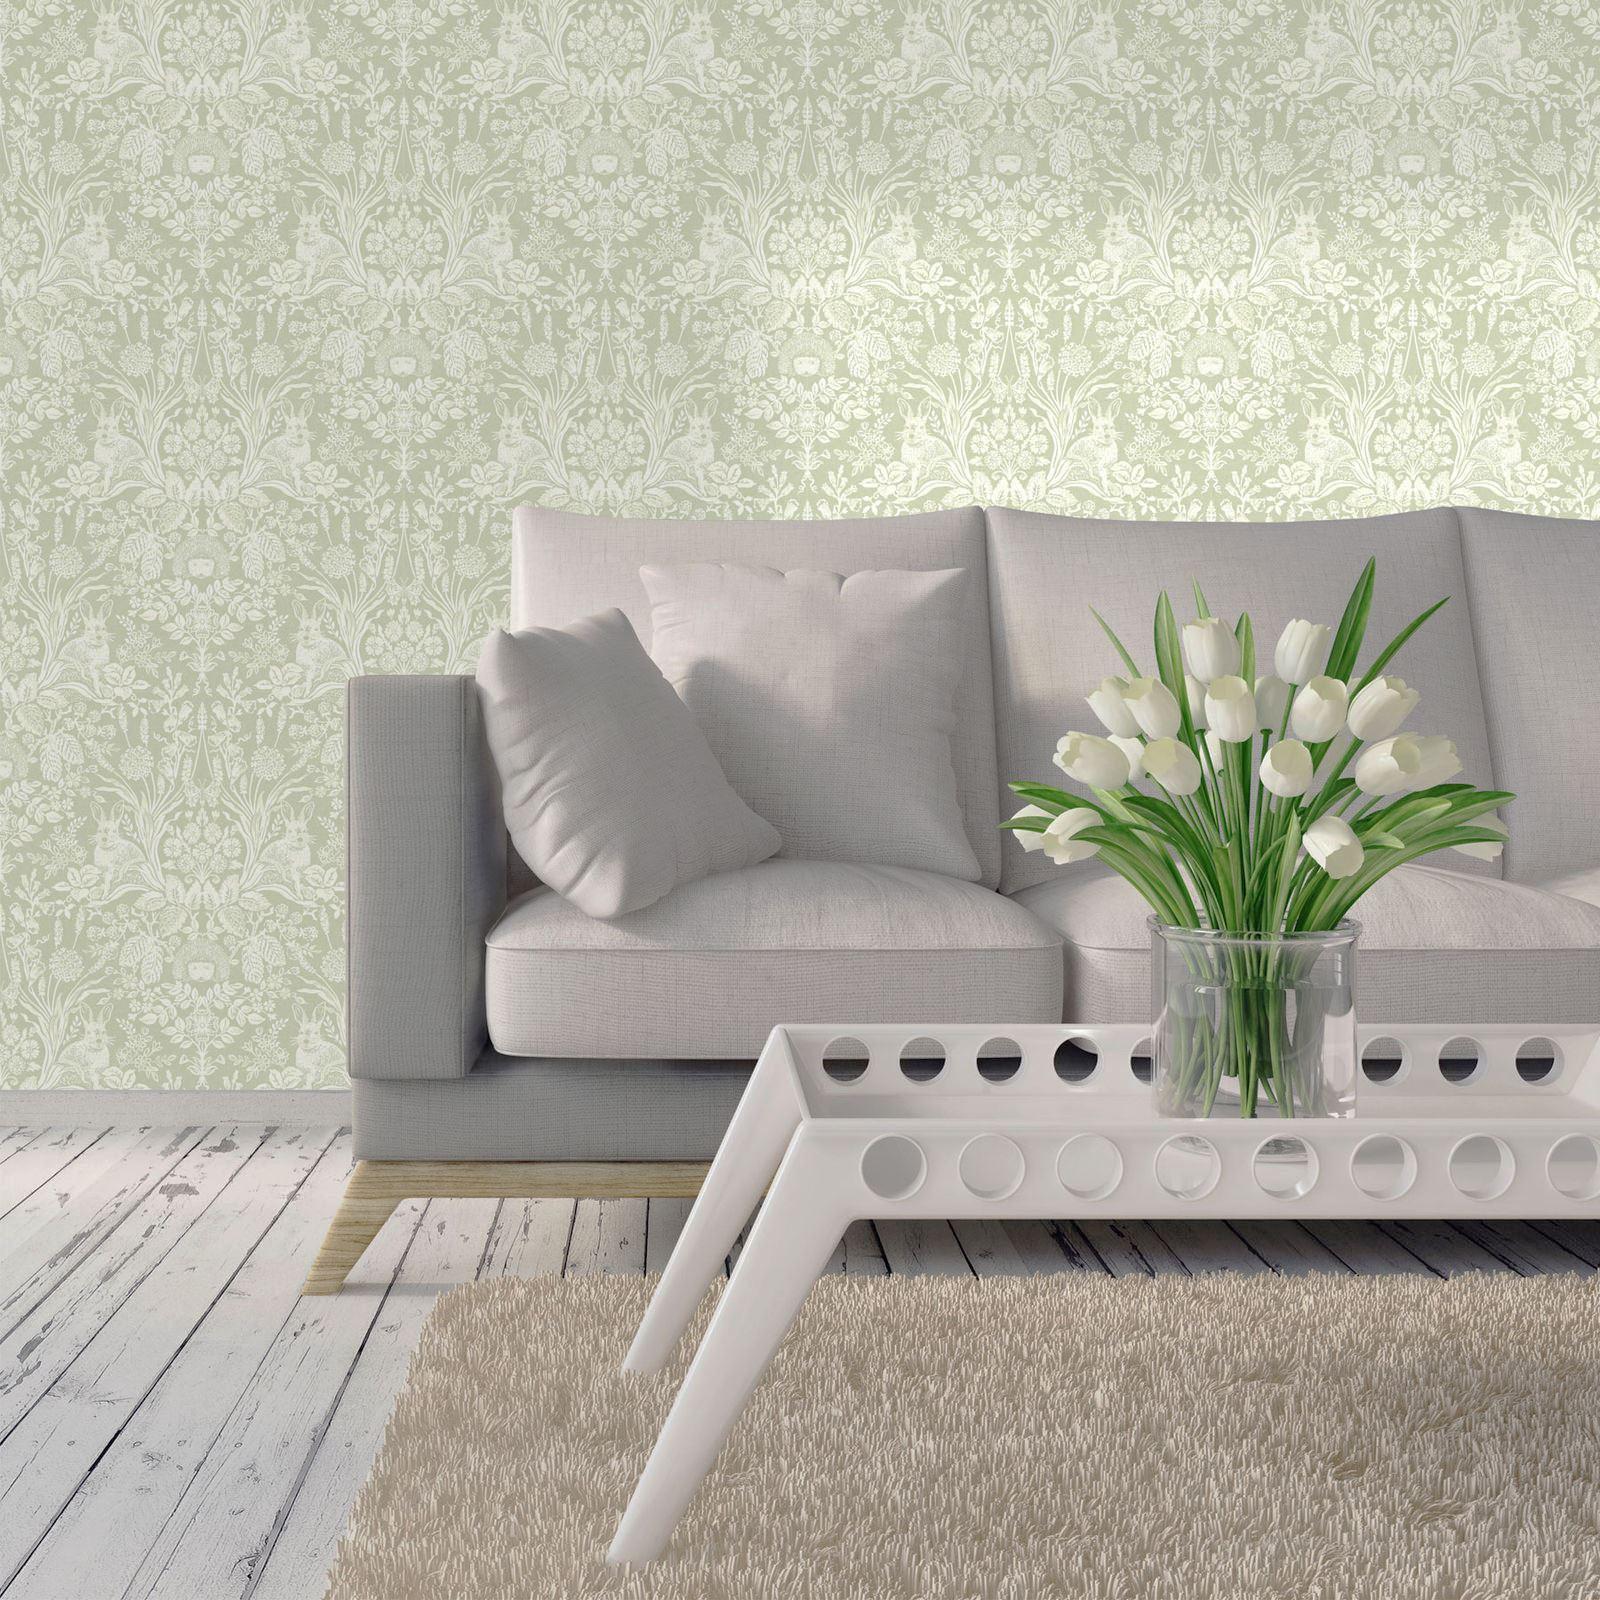 papier peint damas paillet metalique textur lisse dor rose argent sarcelle ebay. Black Bedroom Furniture Sets. Home Design Ideas